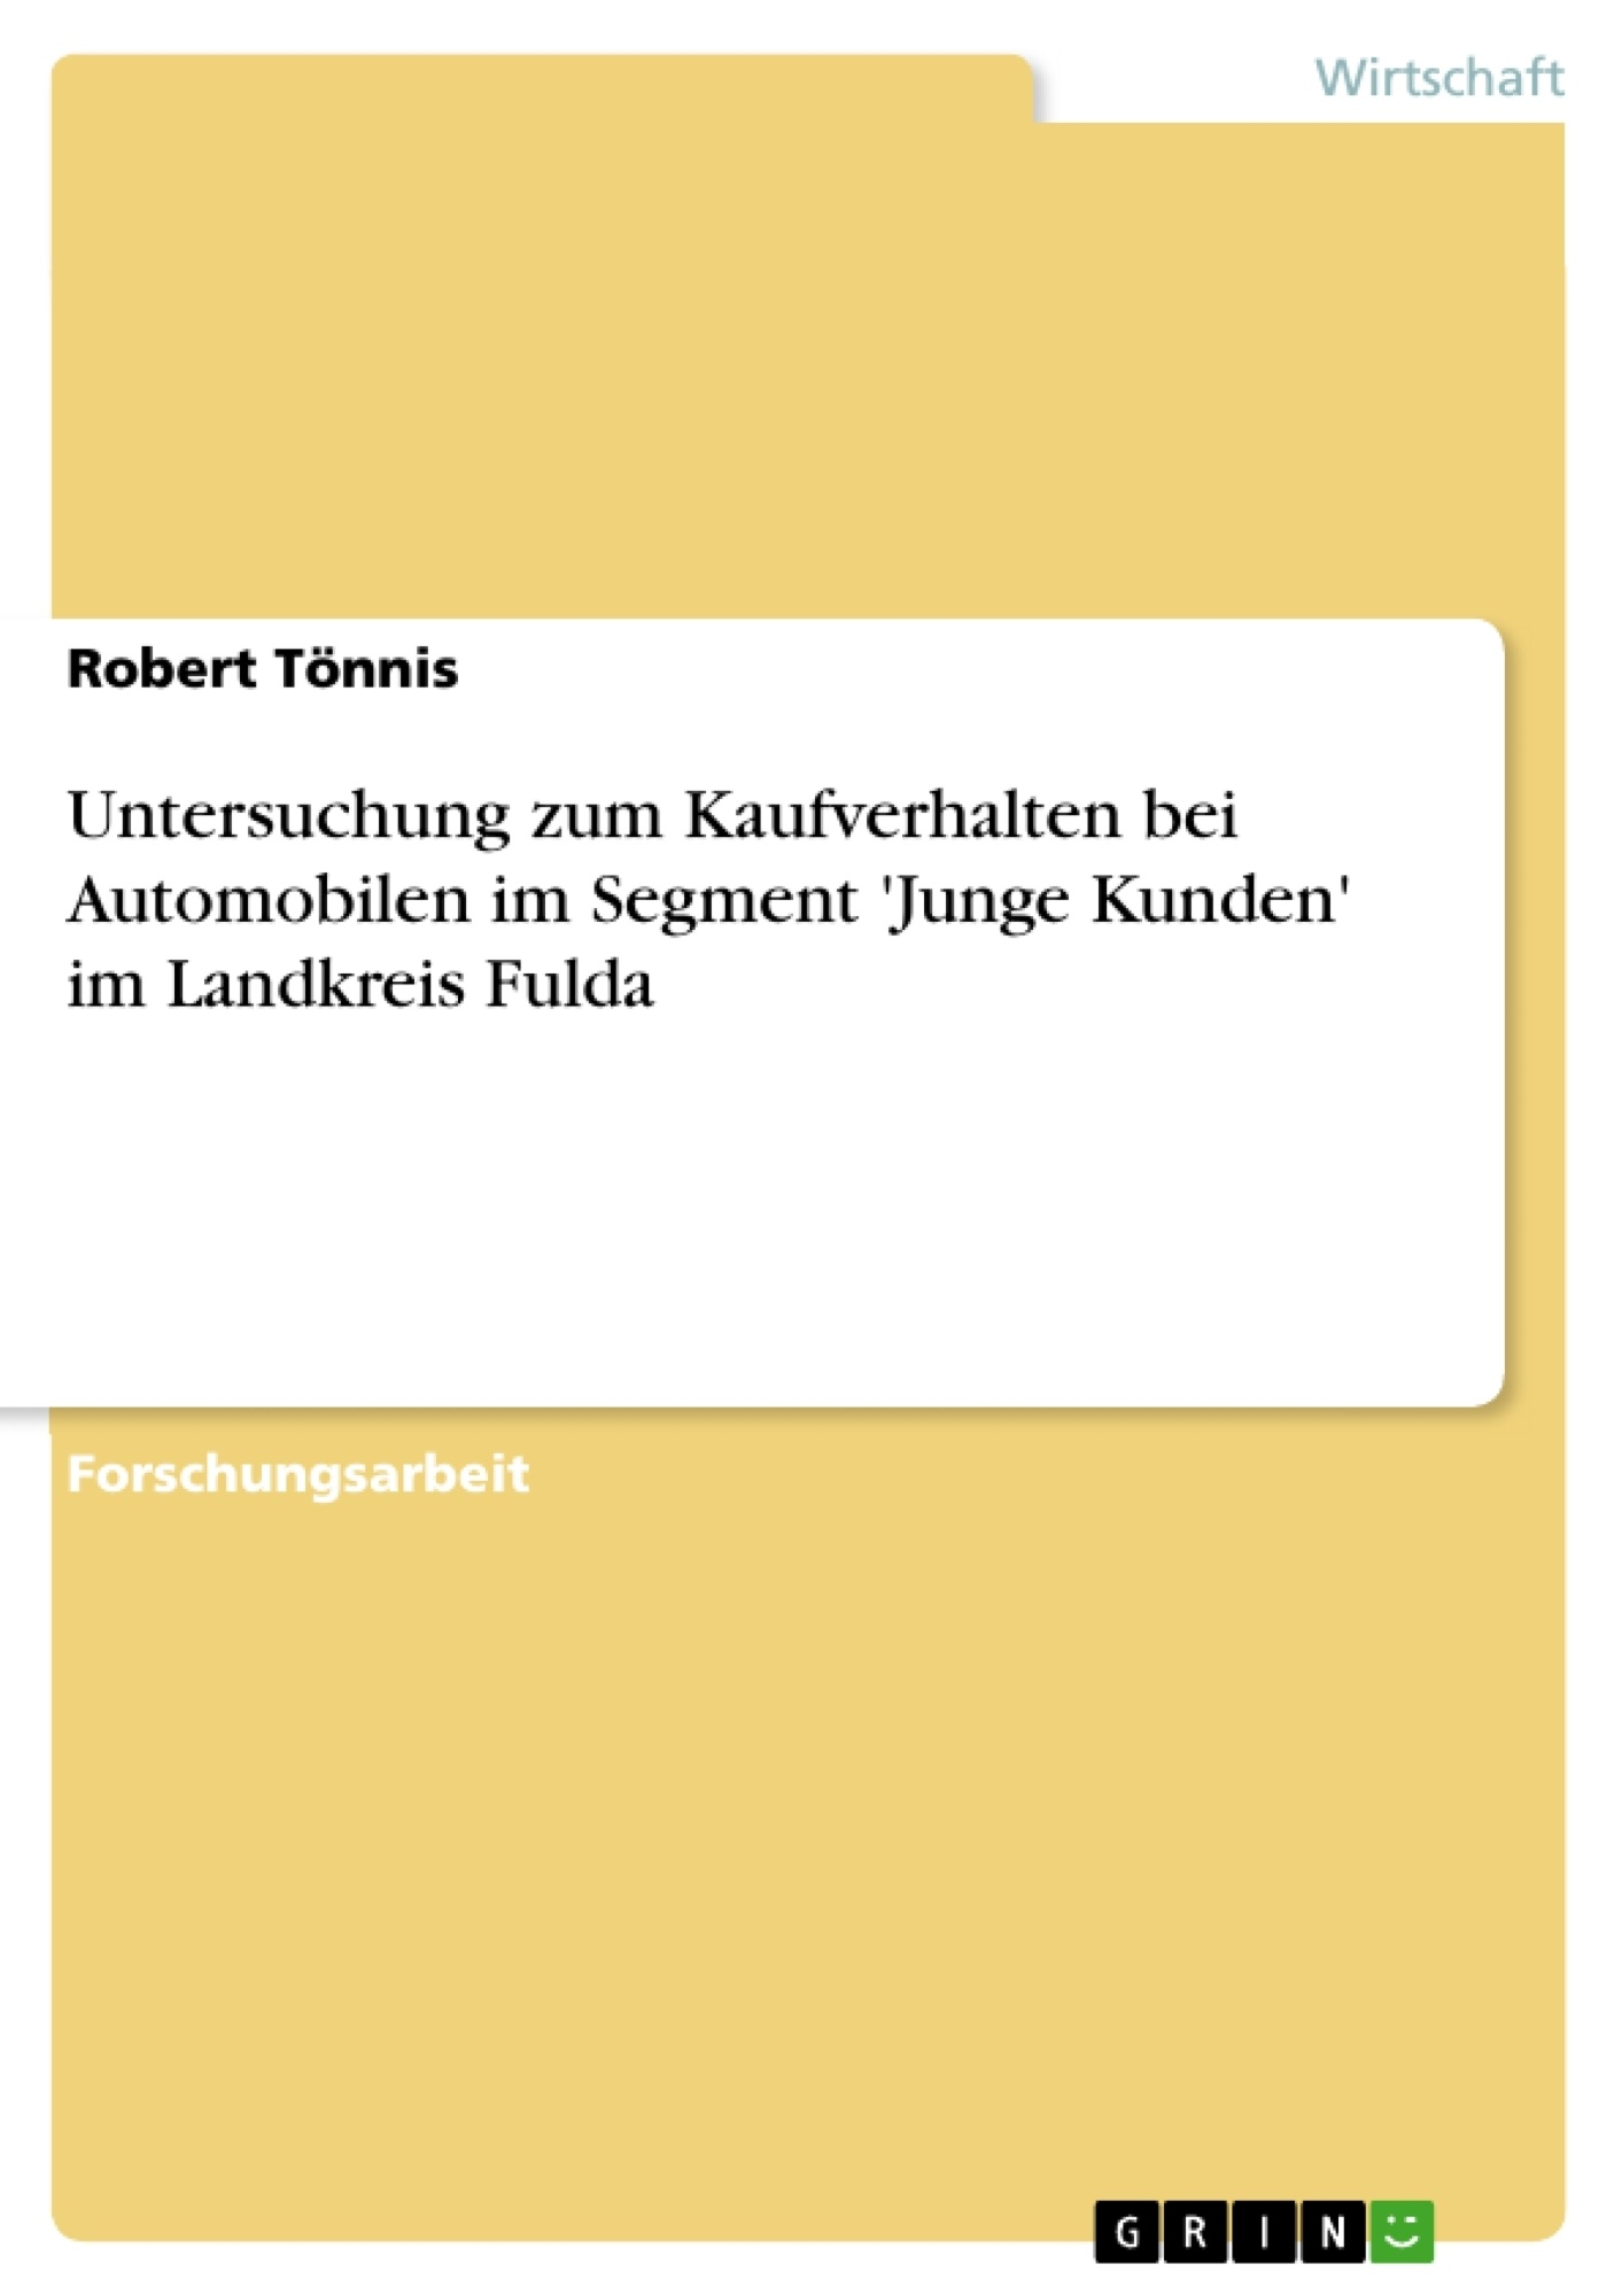 Großartig Automobil Designer Stichproben Zeitgenössisch - Beispiel ...